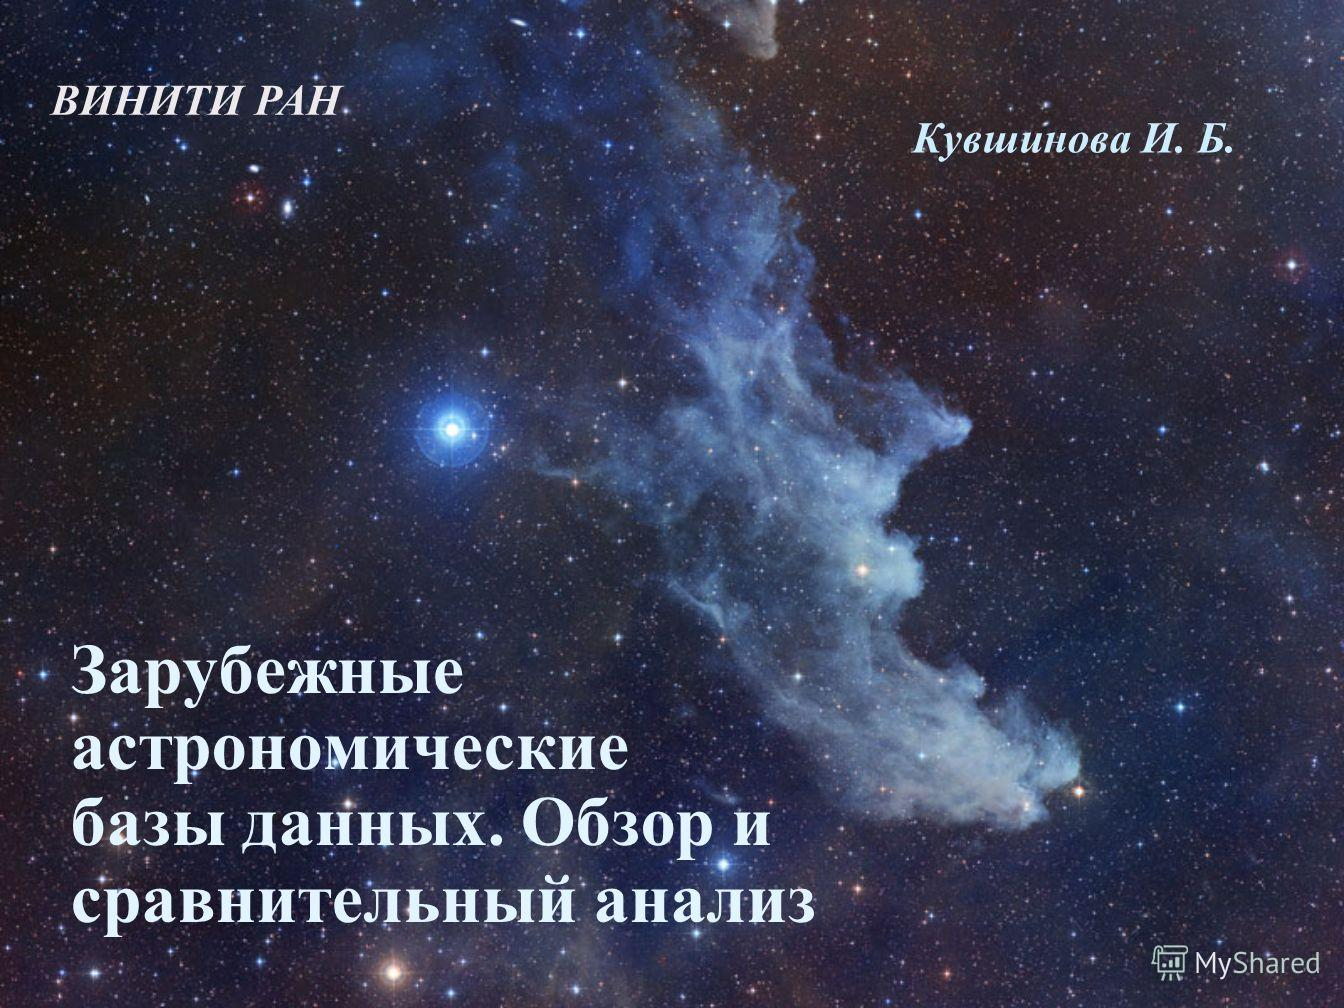 Кувшинова И. Б. Зарубежные астрономические базы данных. Обзор и сравнительный анализ ВИНИТИ РАН